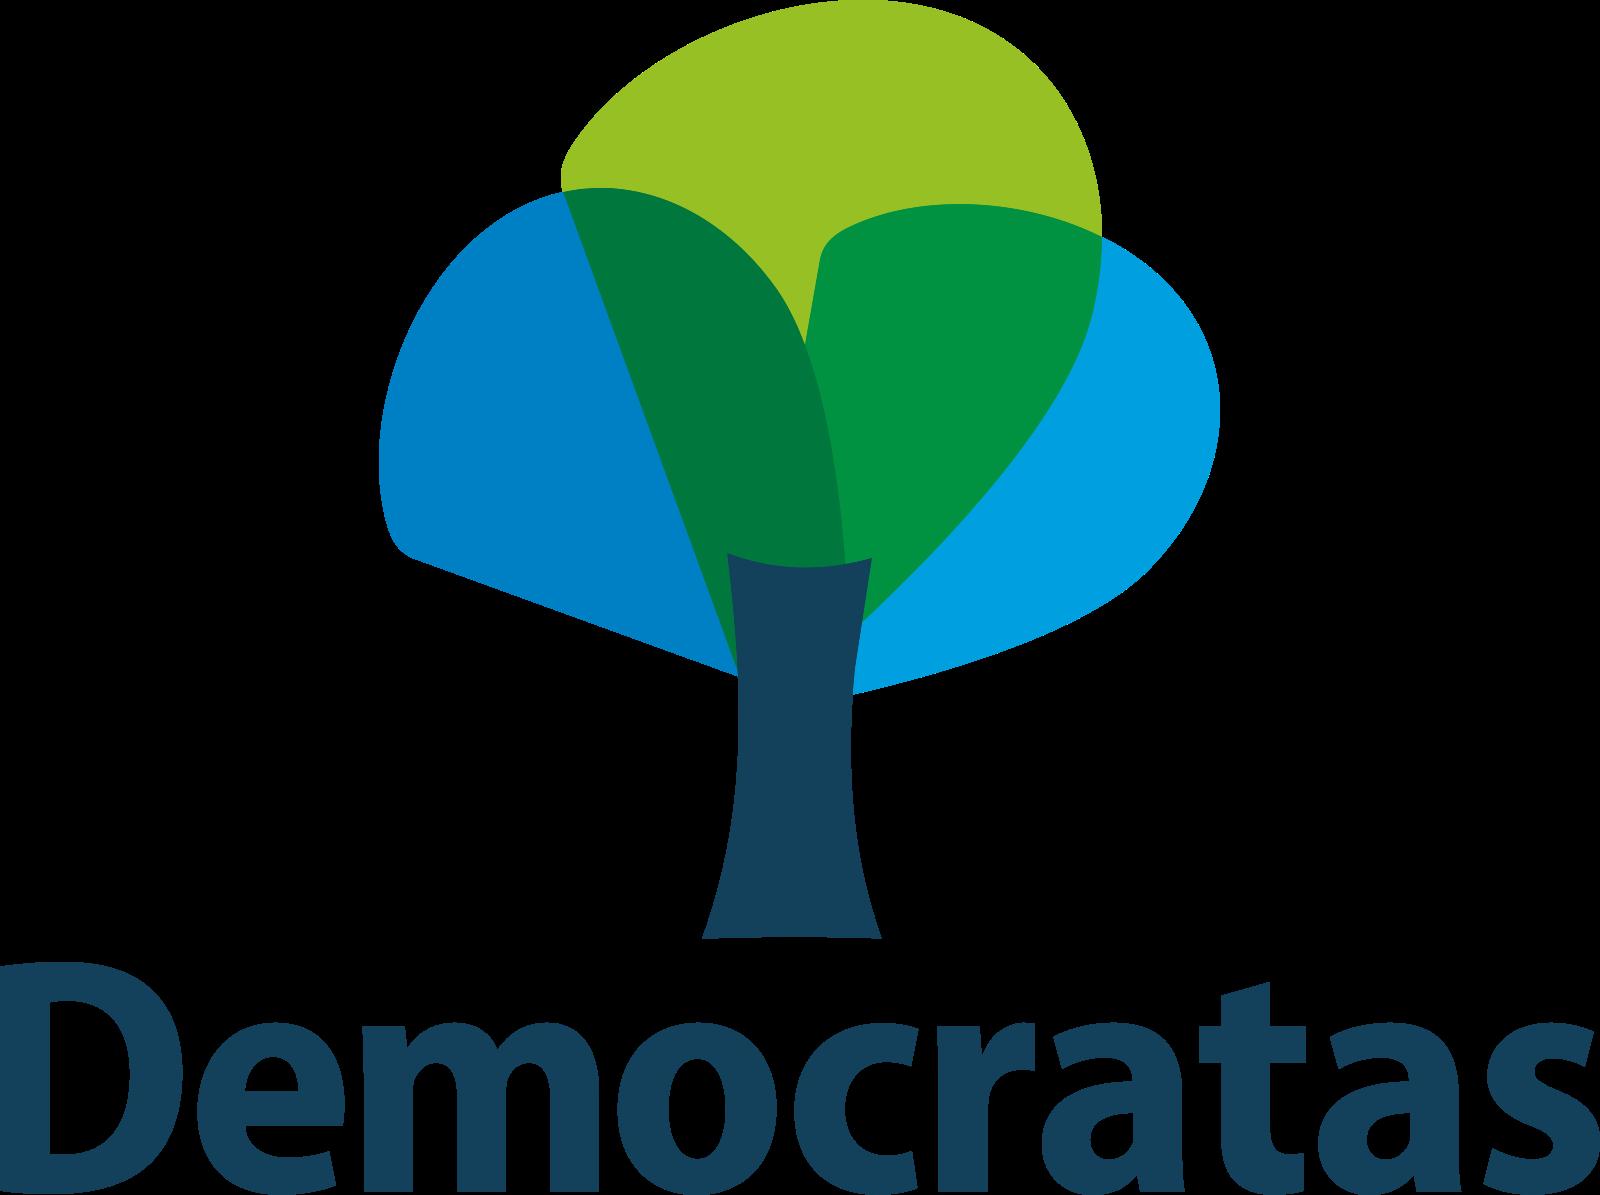 partido democratas dem logo 4 - DEM Logo - Partido Democratas Logo